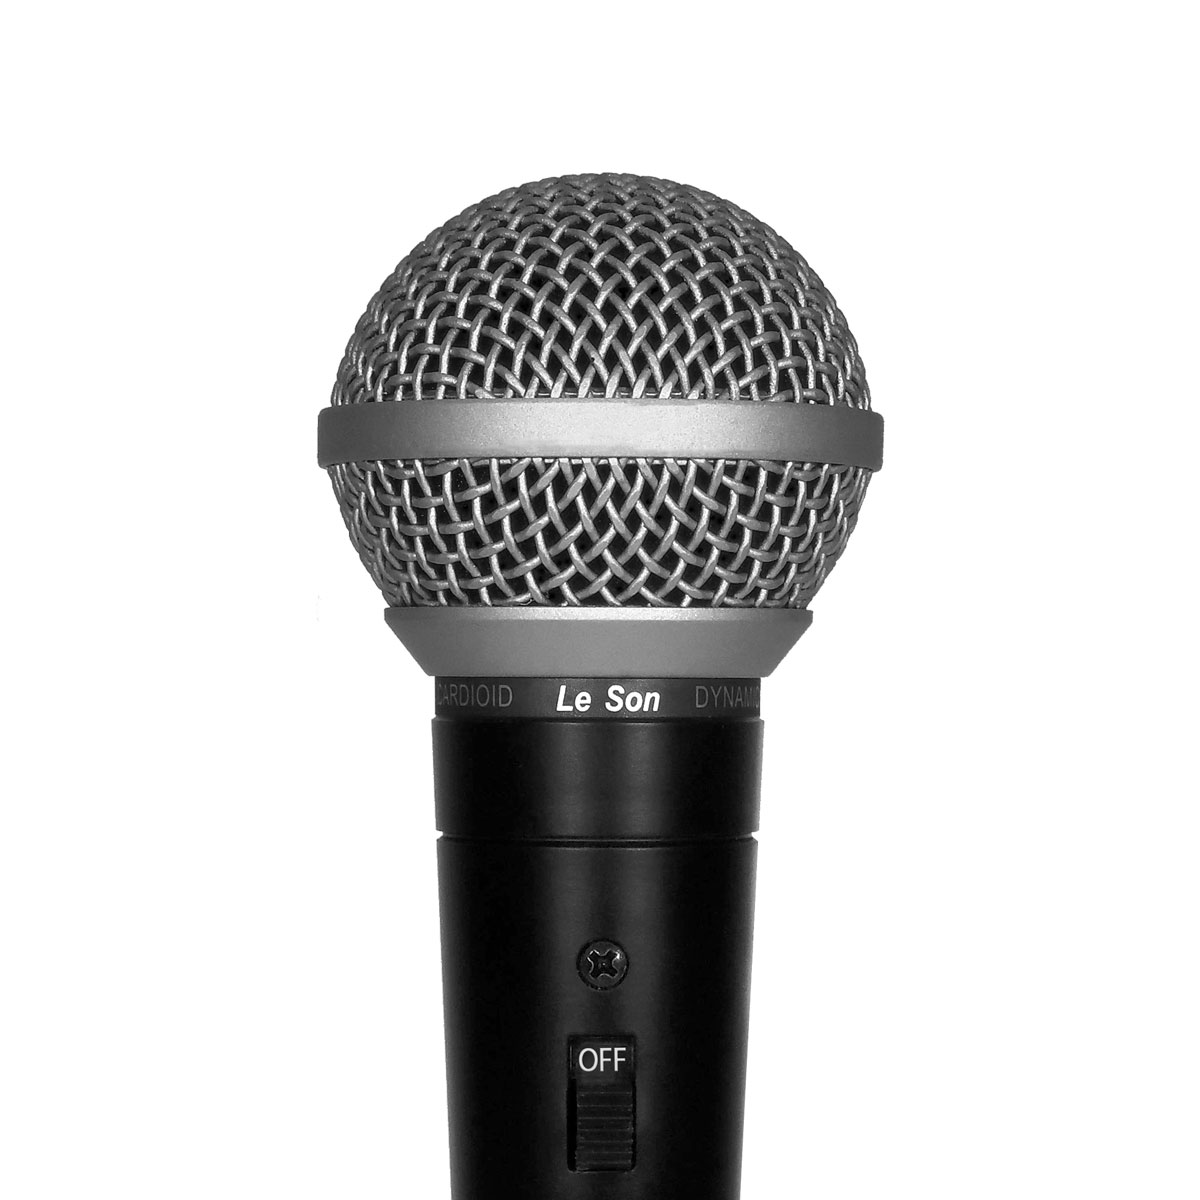 SM50VK - Microfone c/ Fio de Mão SM 50 VK - Le Son